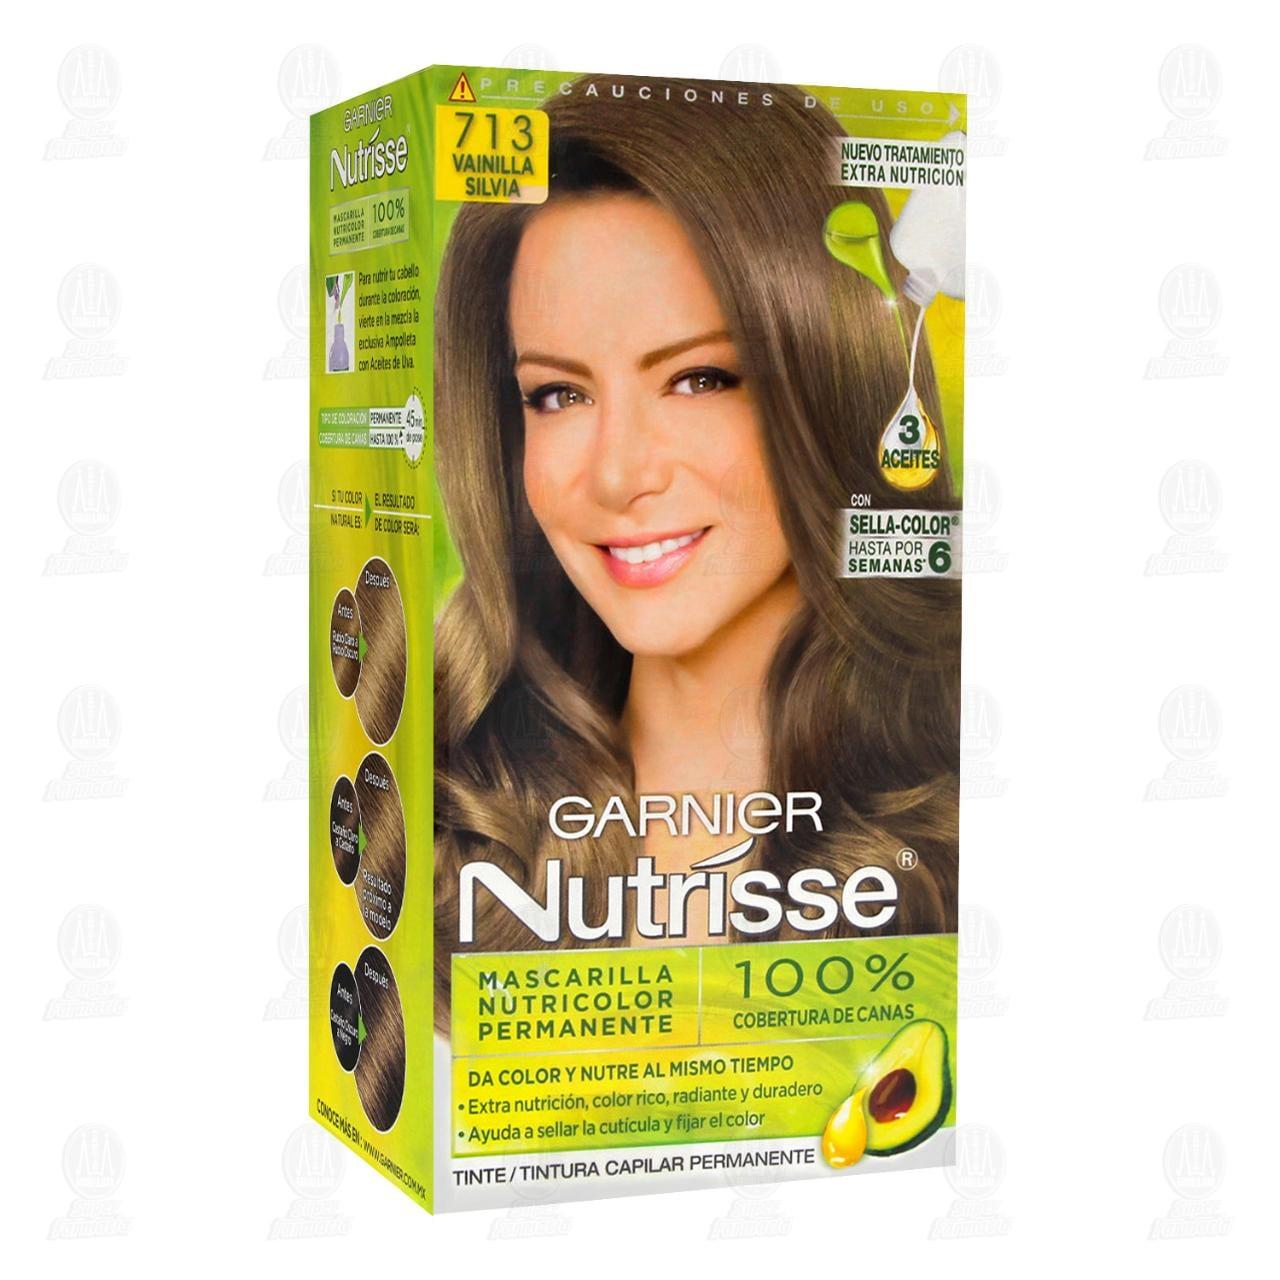 comprar https://www.movil.farmaciasguadalajara.com/wcsstore/FGCAS/wcs/products/1099833_A_1280_AL.jpg en farmacias guadalajara